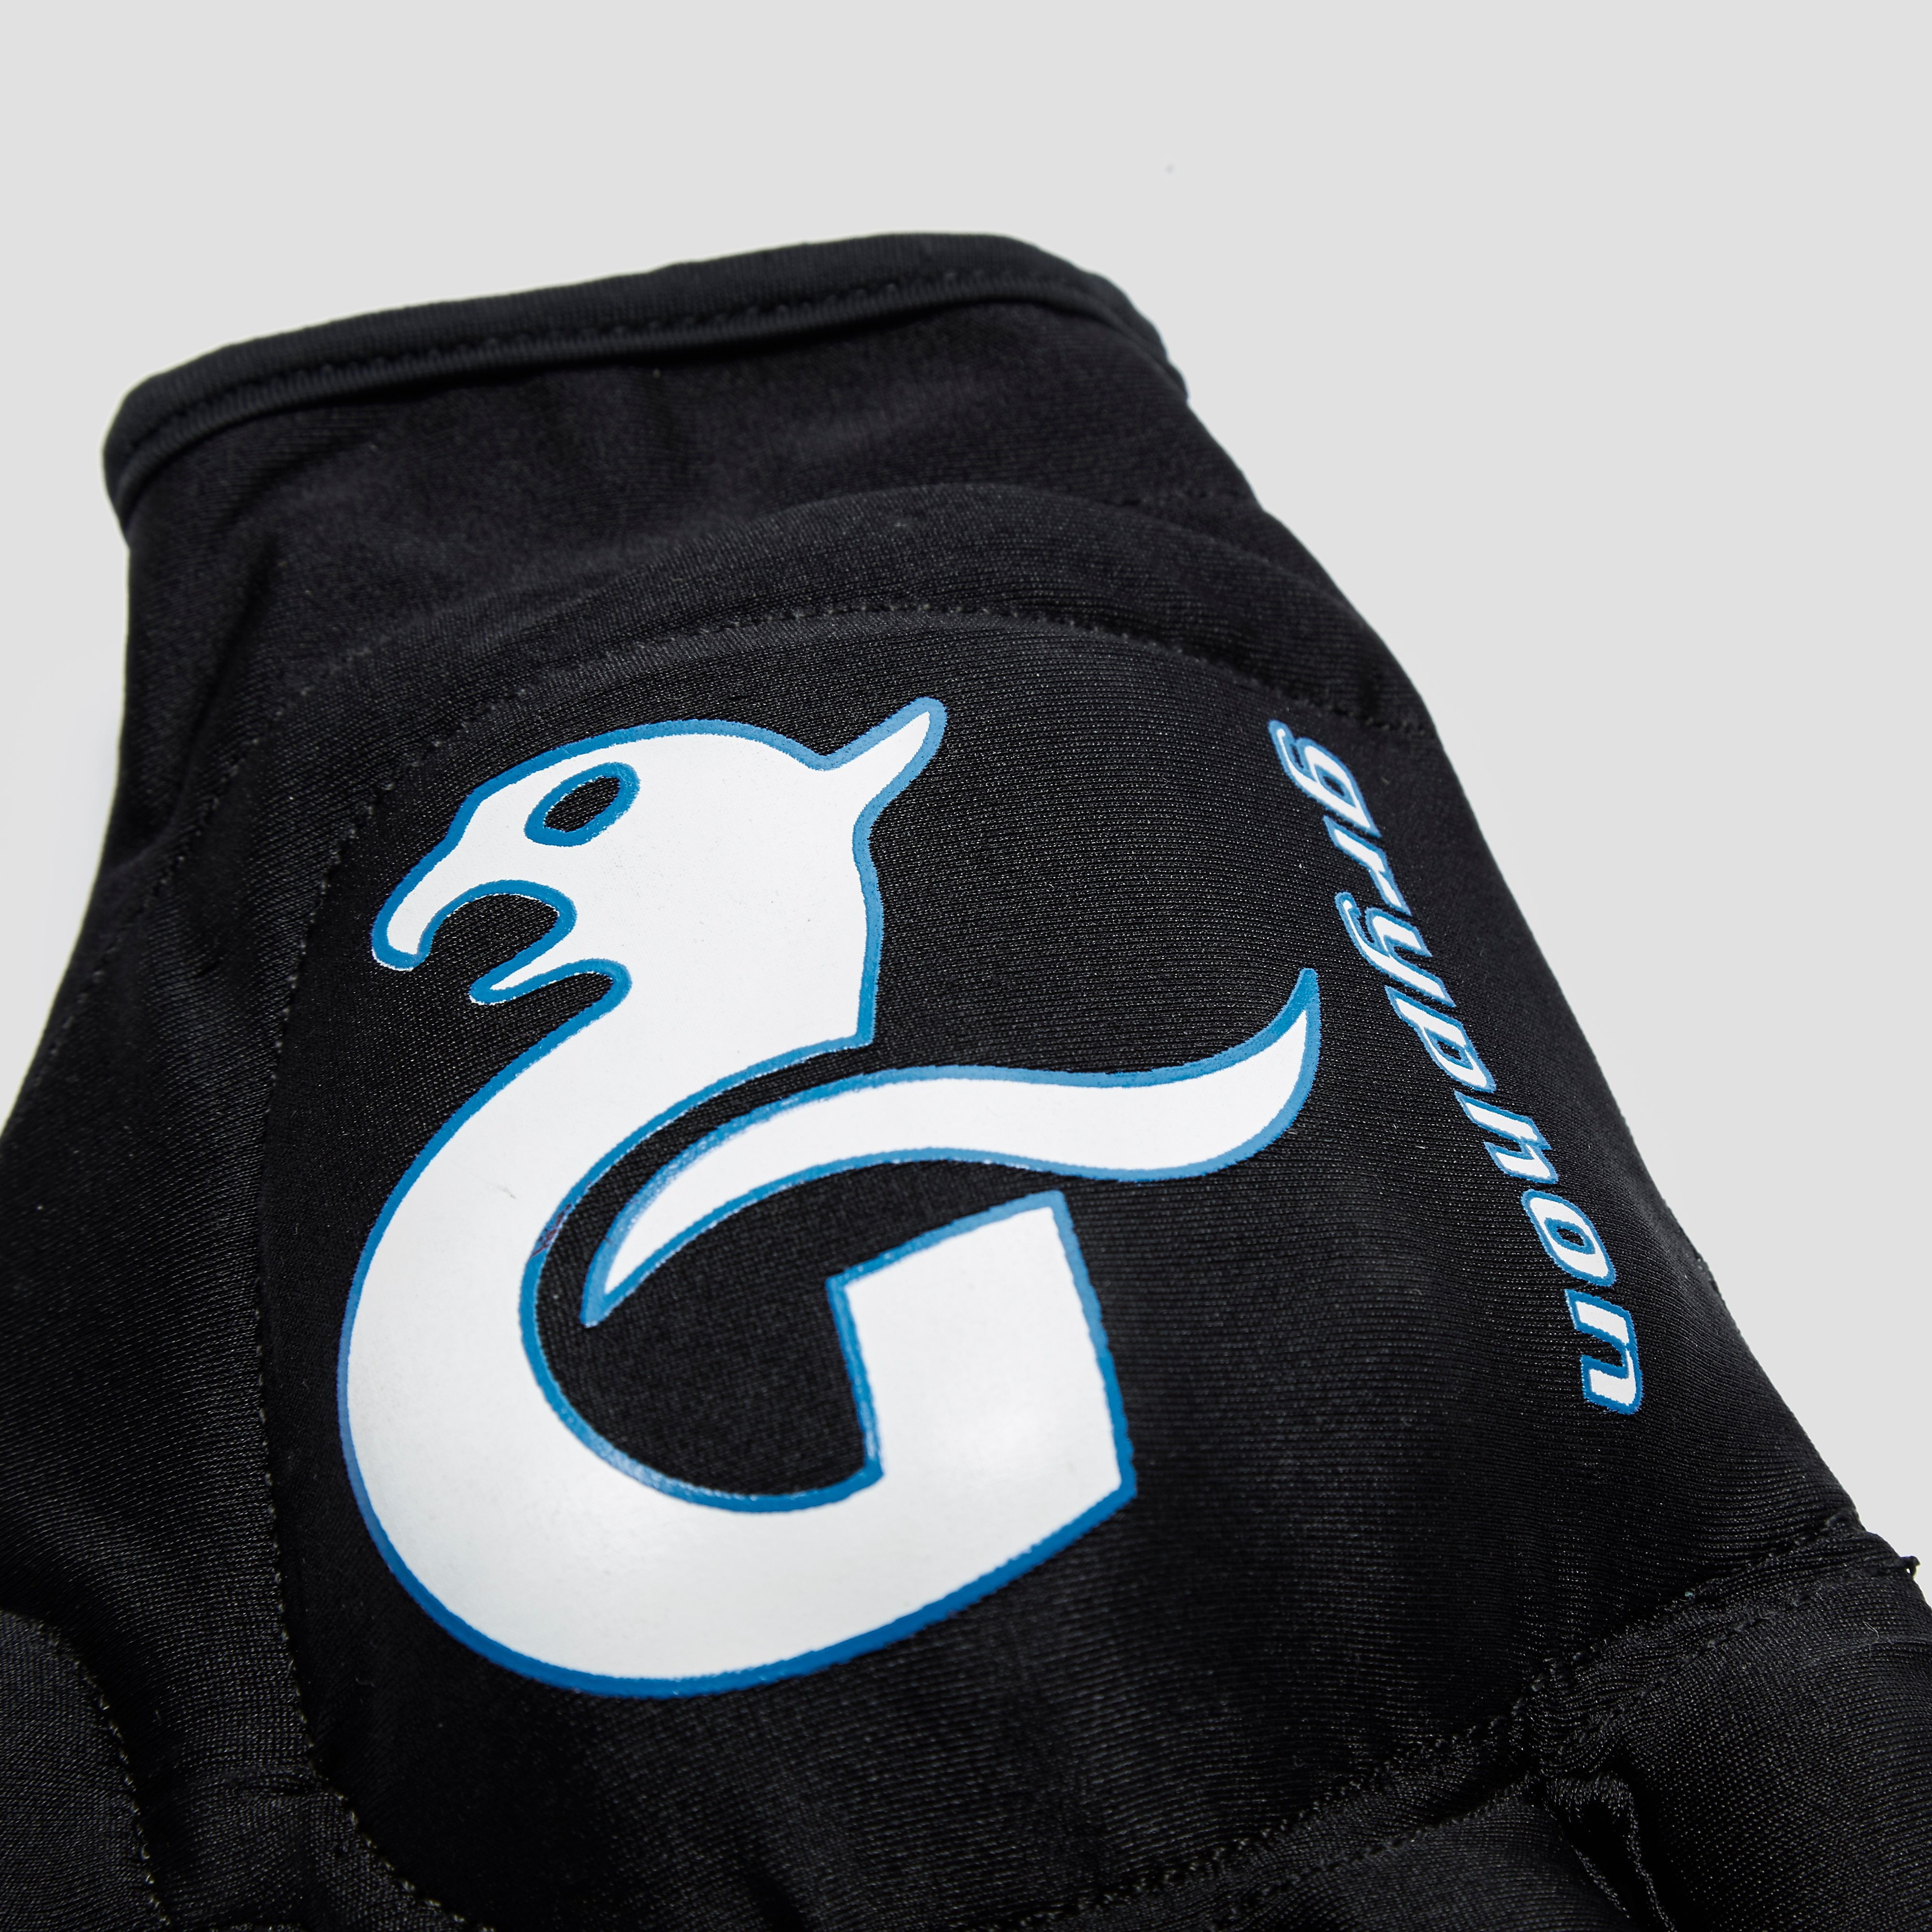 Gryphon G-Mitt G3 Glove